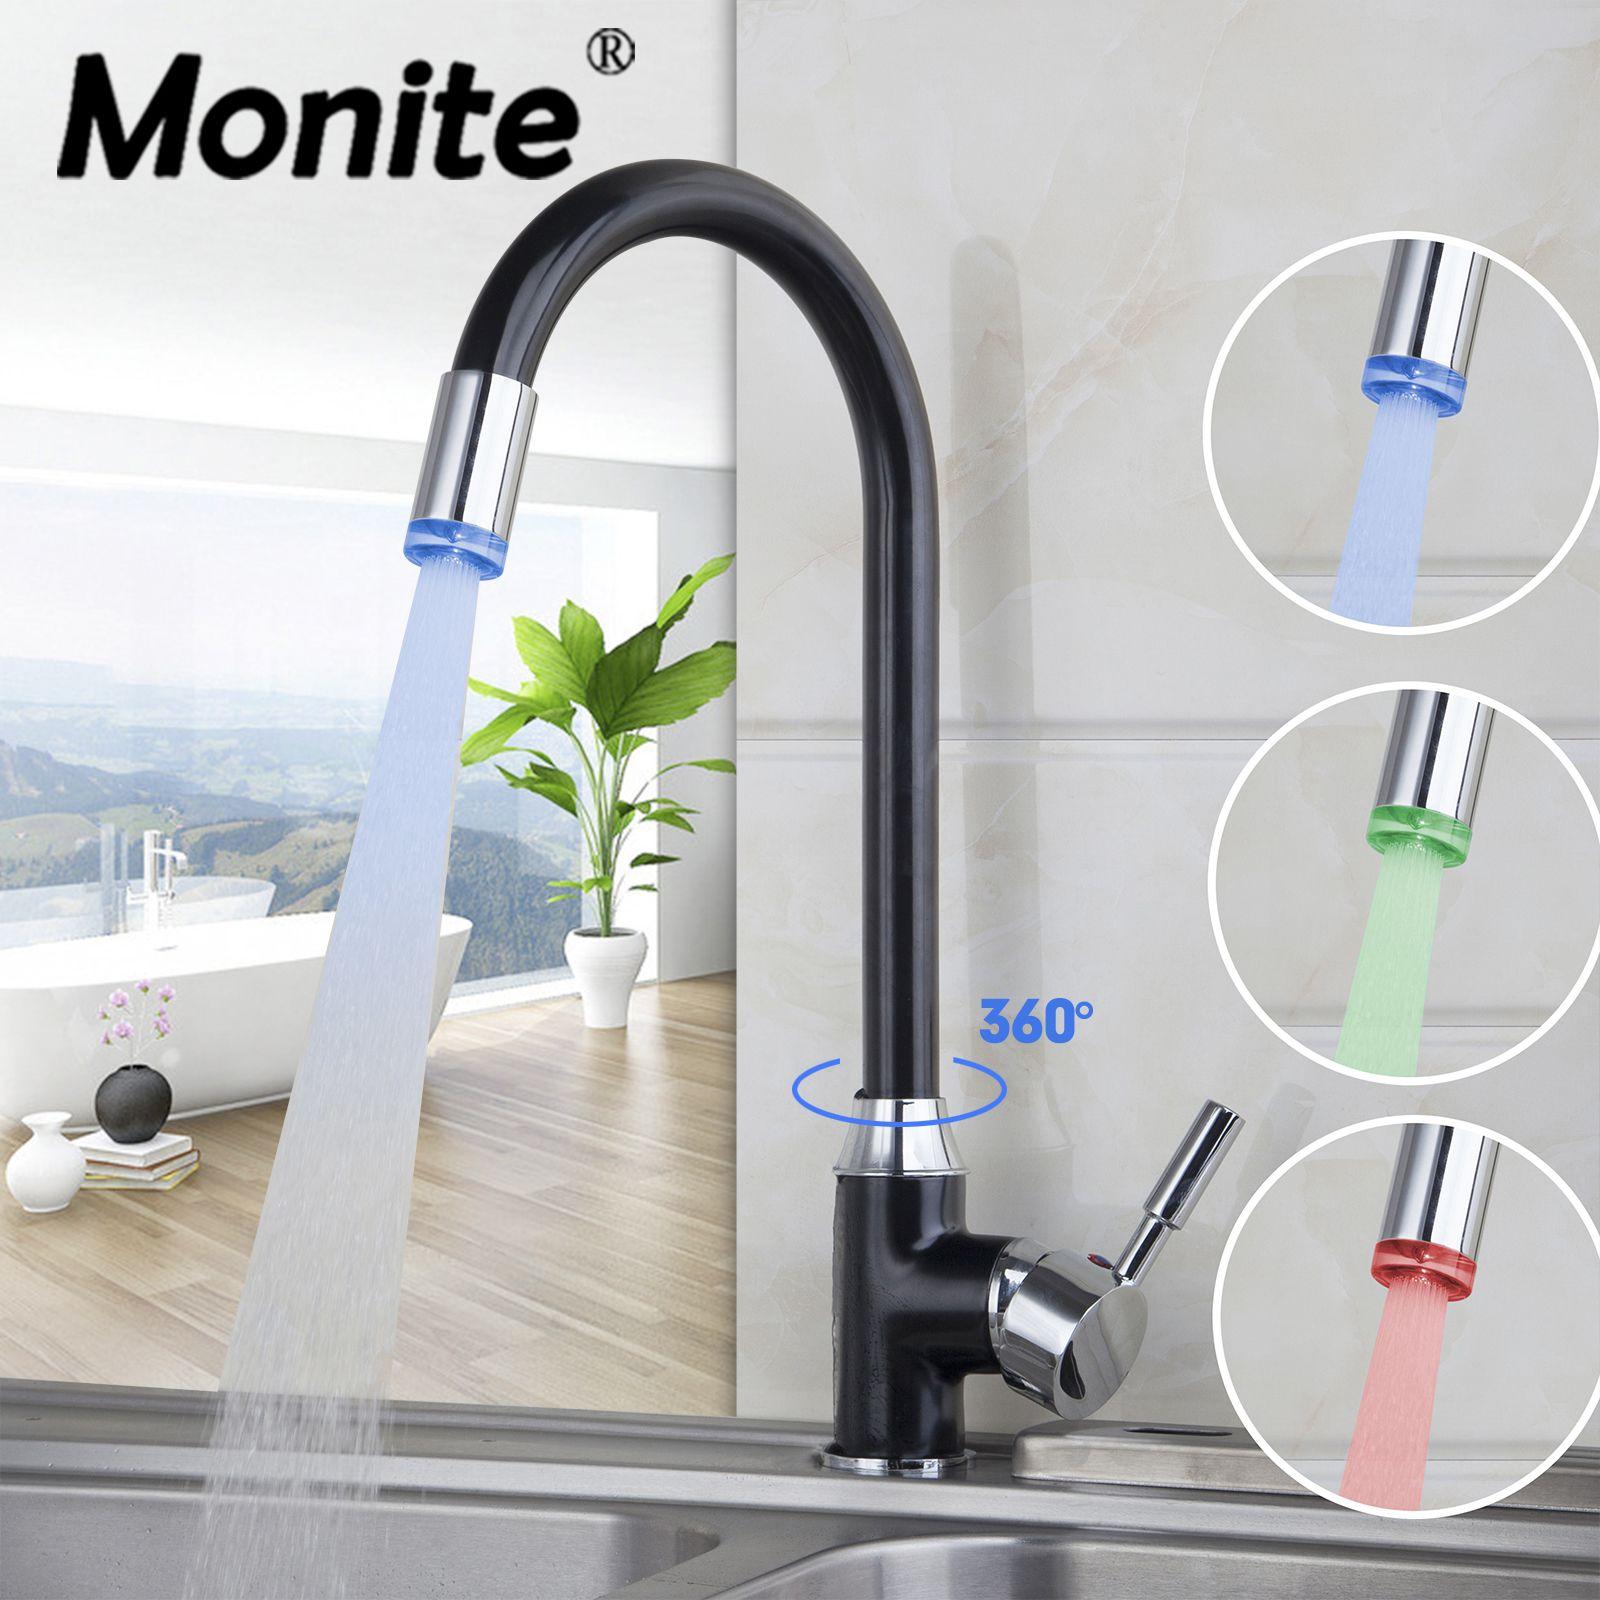 3 цвета Свет хром поворотный Смесители для кухни Cozinha torneira бортике одно отверстие Смесители для ванной комнаты смесителя